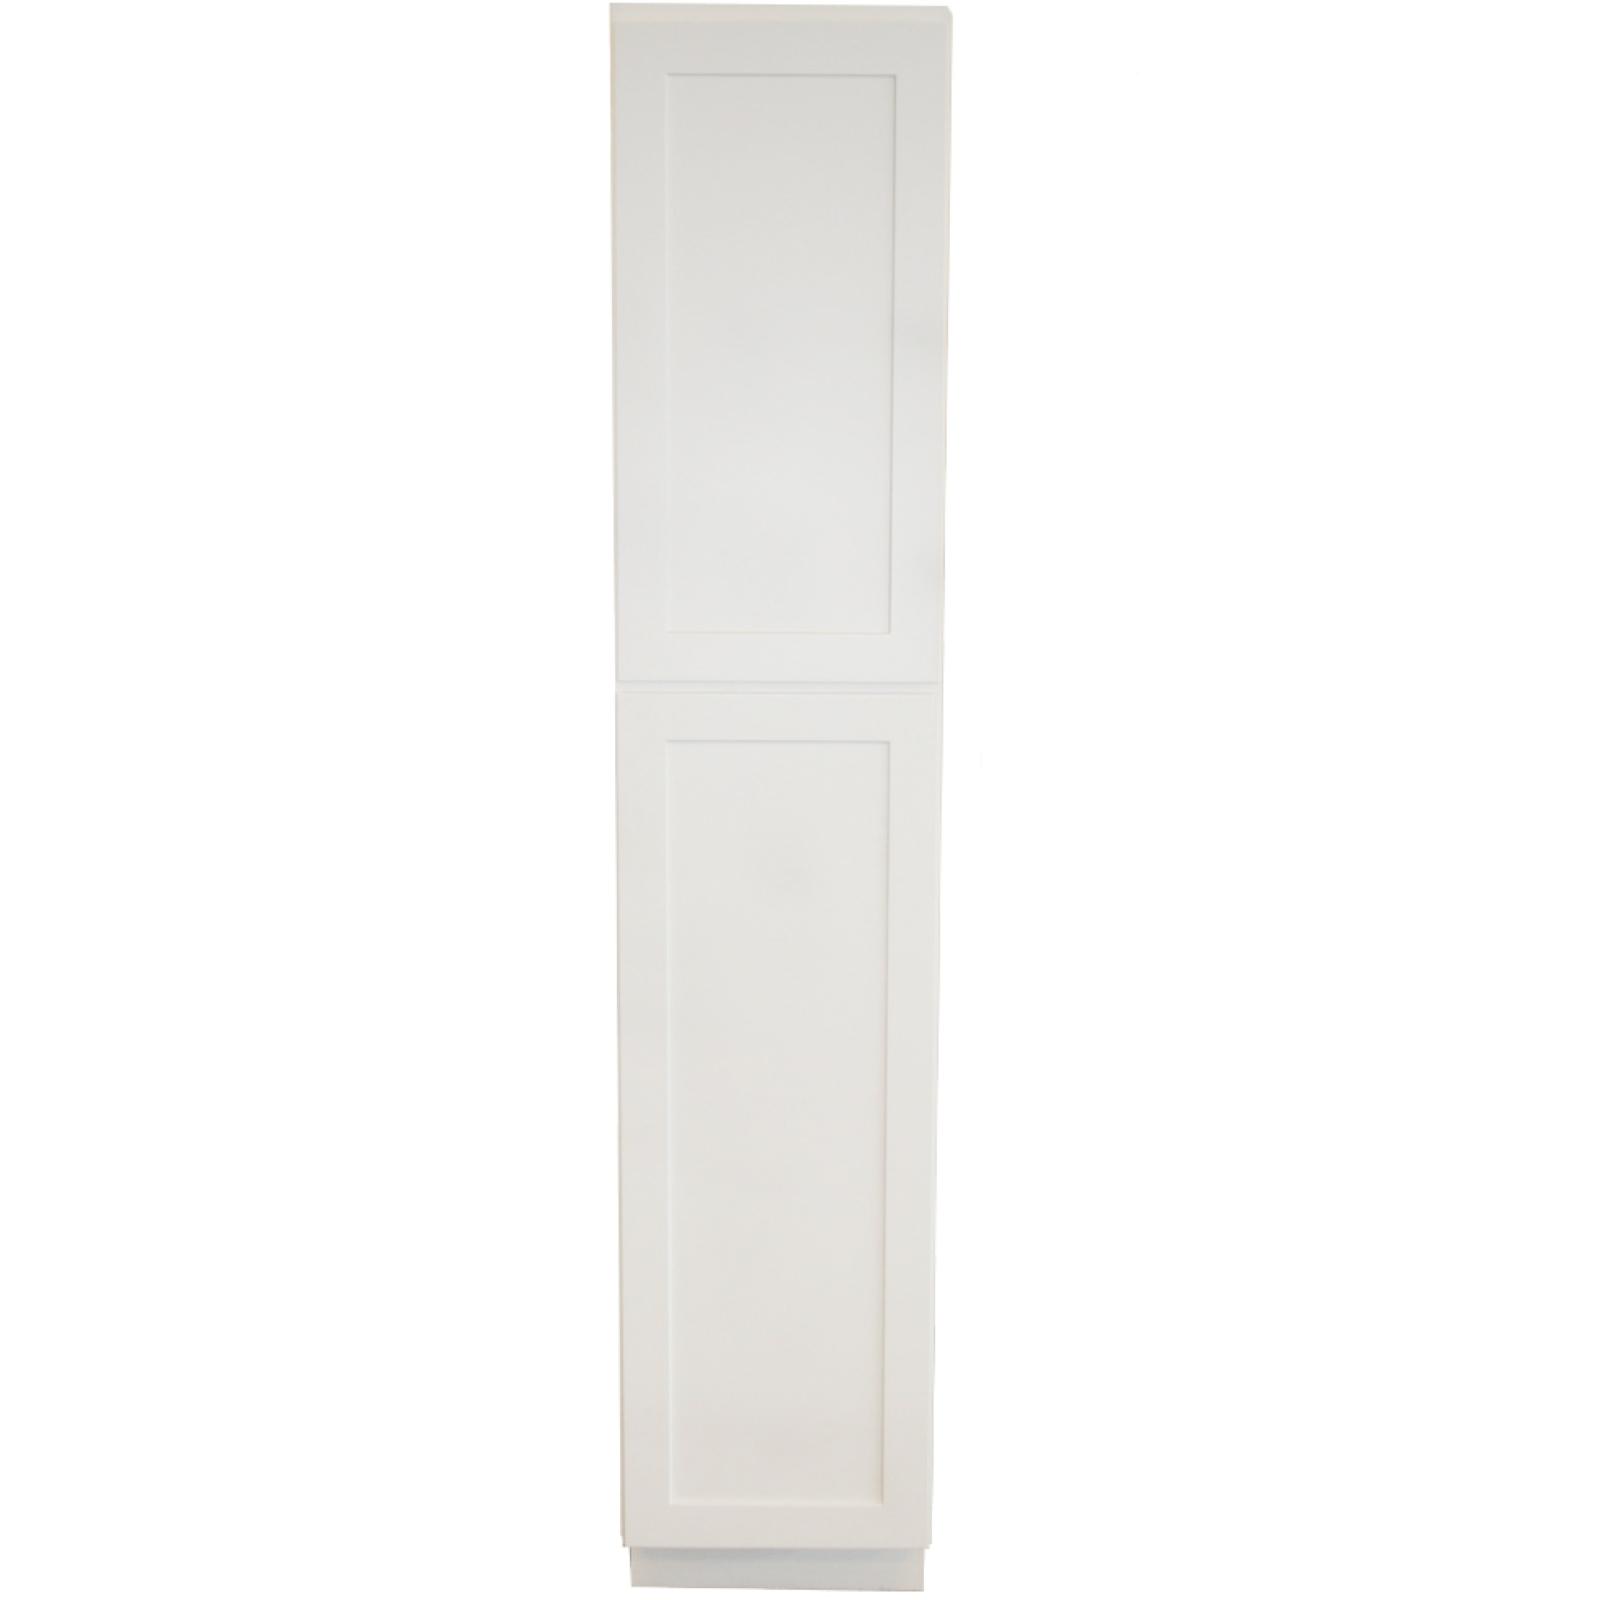 Utility Cabinet - 8in. x 84in. x 24in. - White